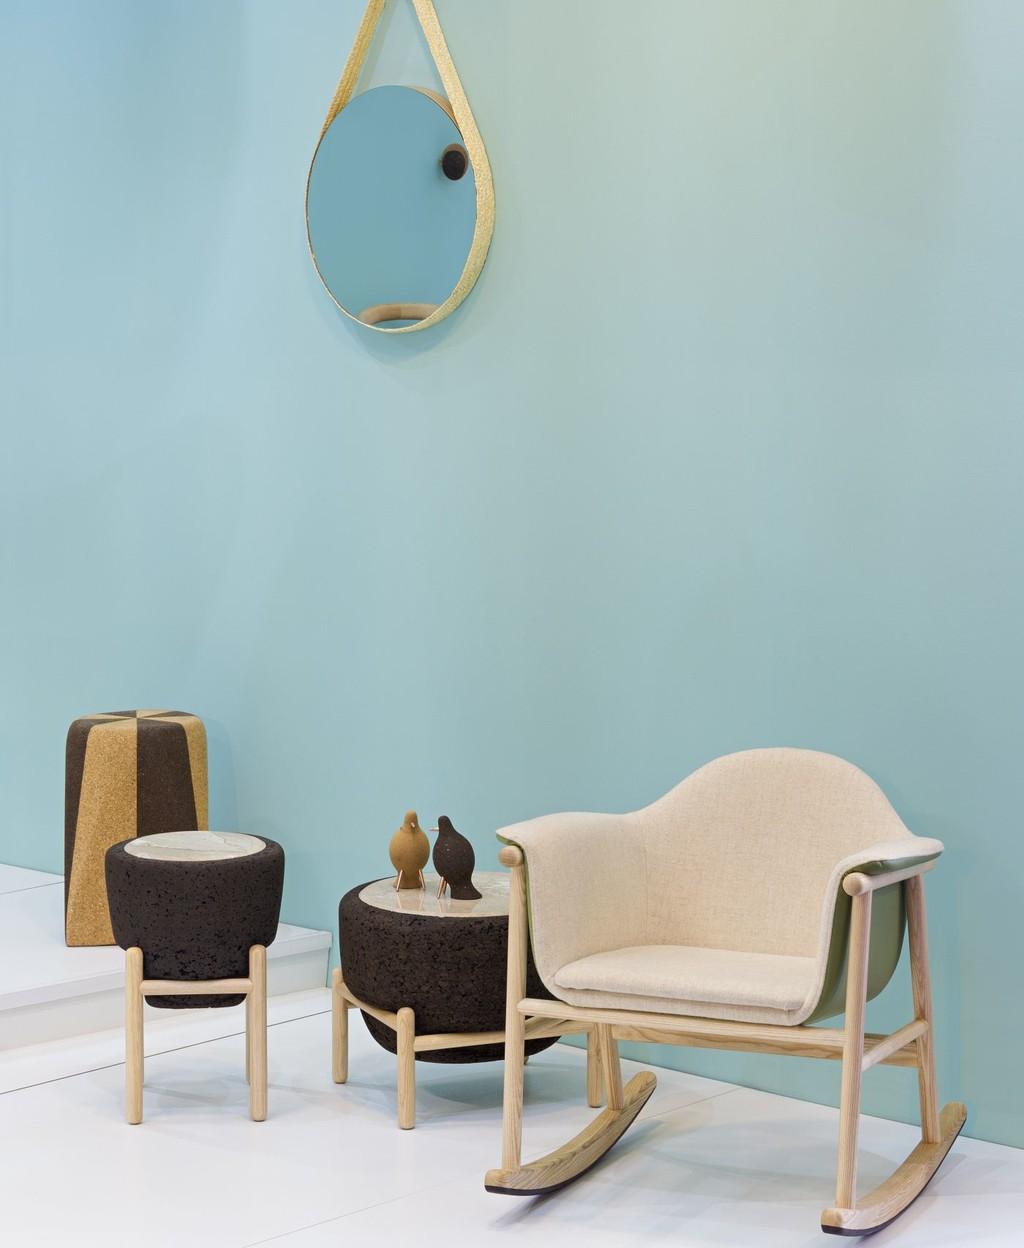 MAGMA, la mesa de centro de DAM inspirada en la fusión de minerales de nuestro planeta y presentada en Maison & Objet